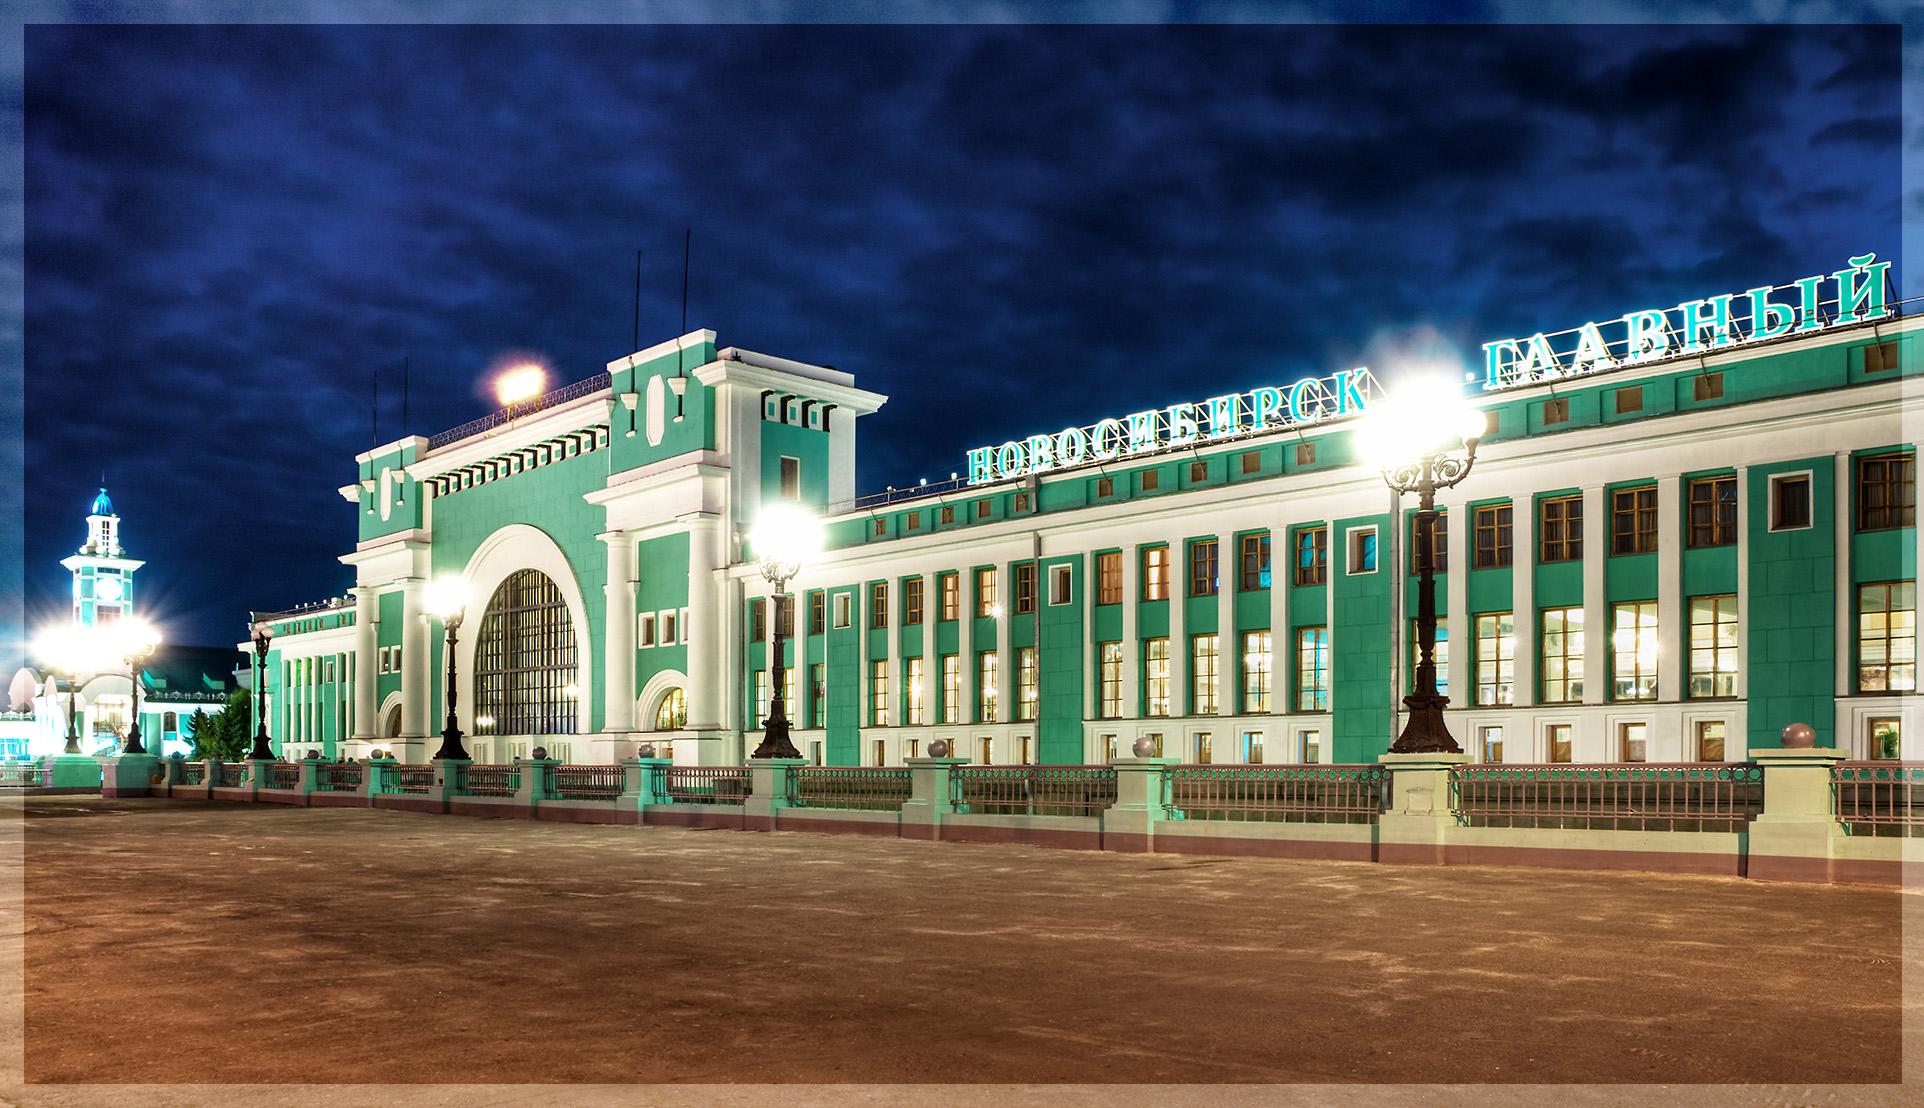 Фото: photoshare.ru